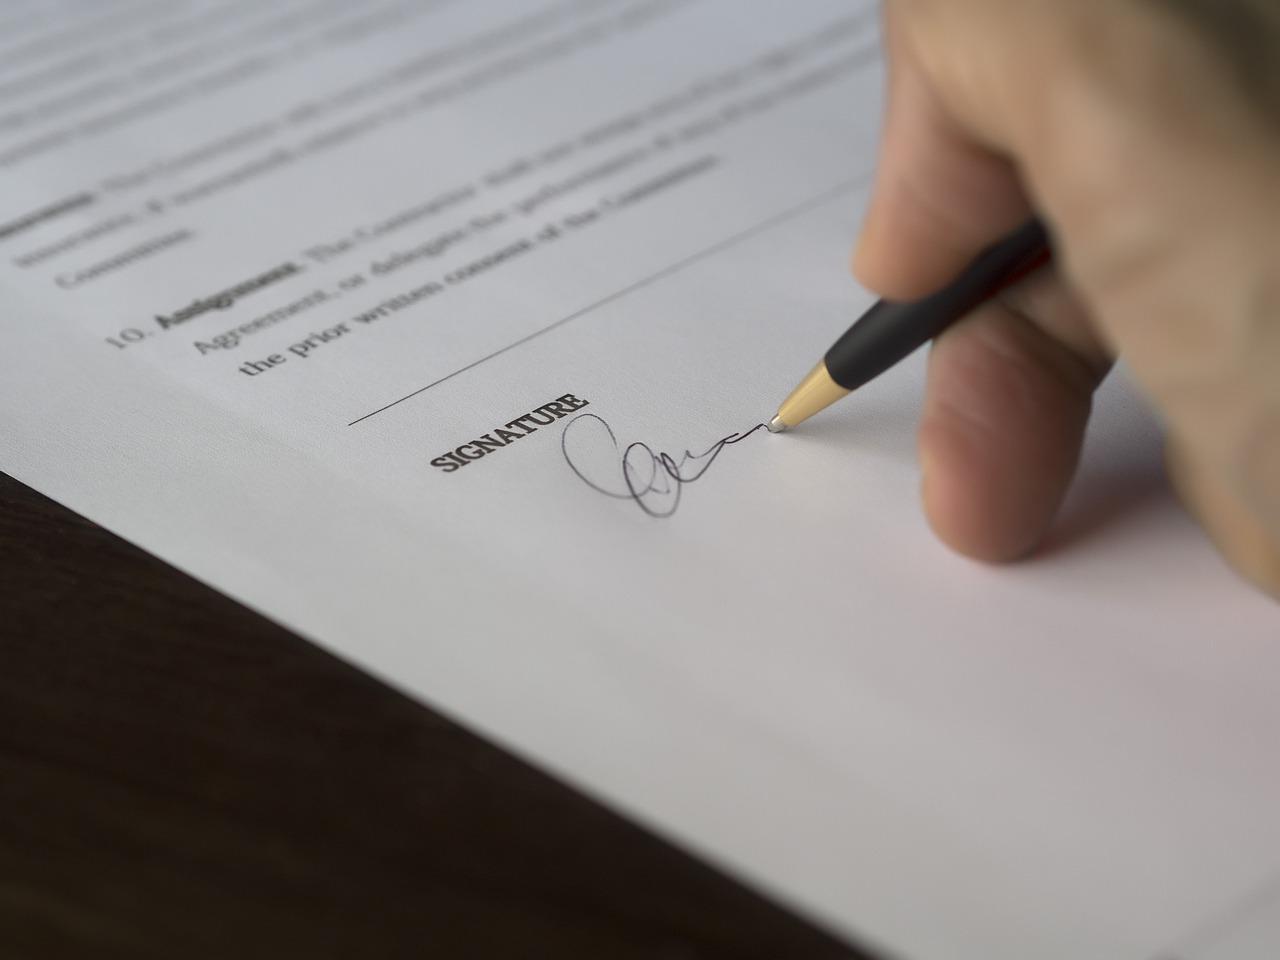 Rada právnika zadarmo nie je- vzory zmlúv však áno!